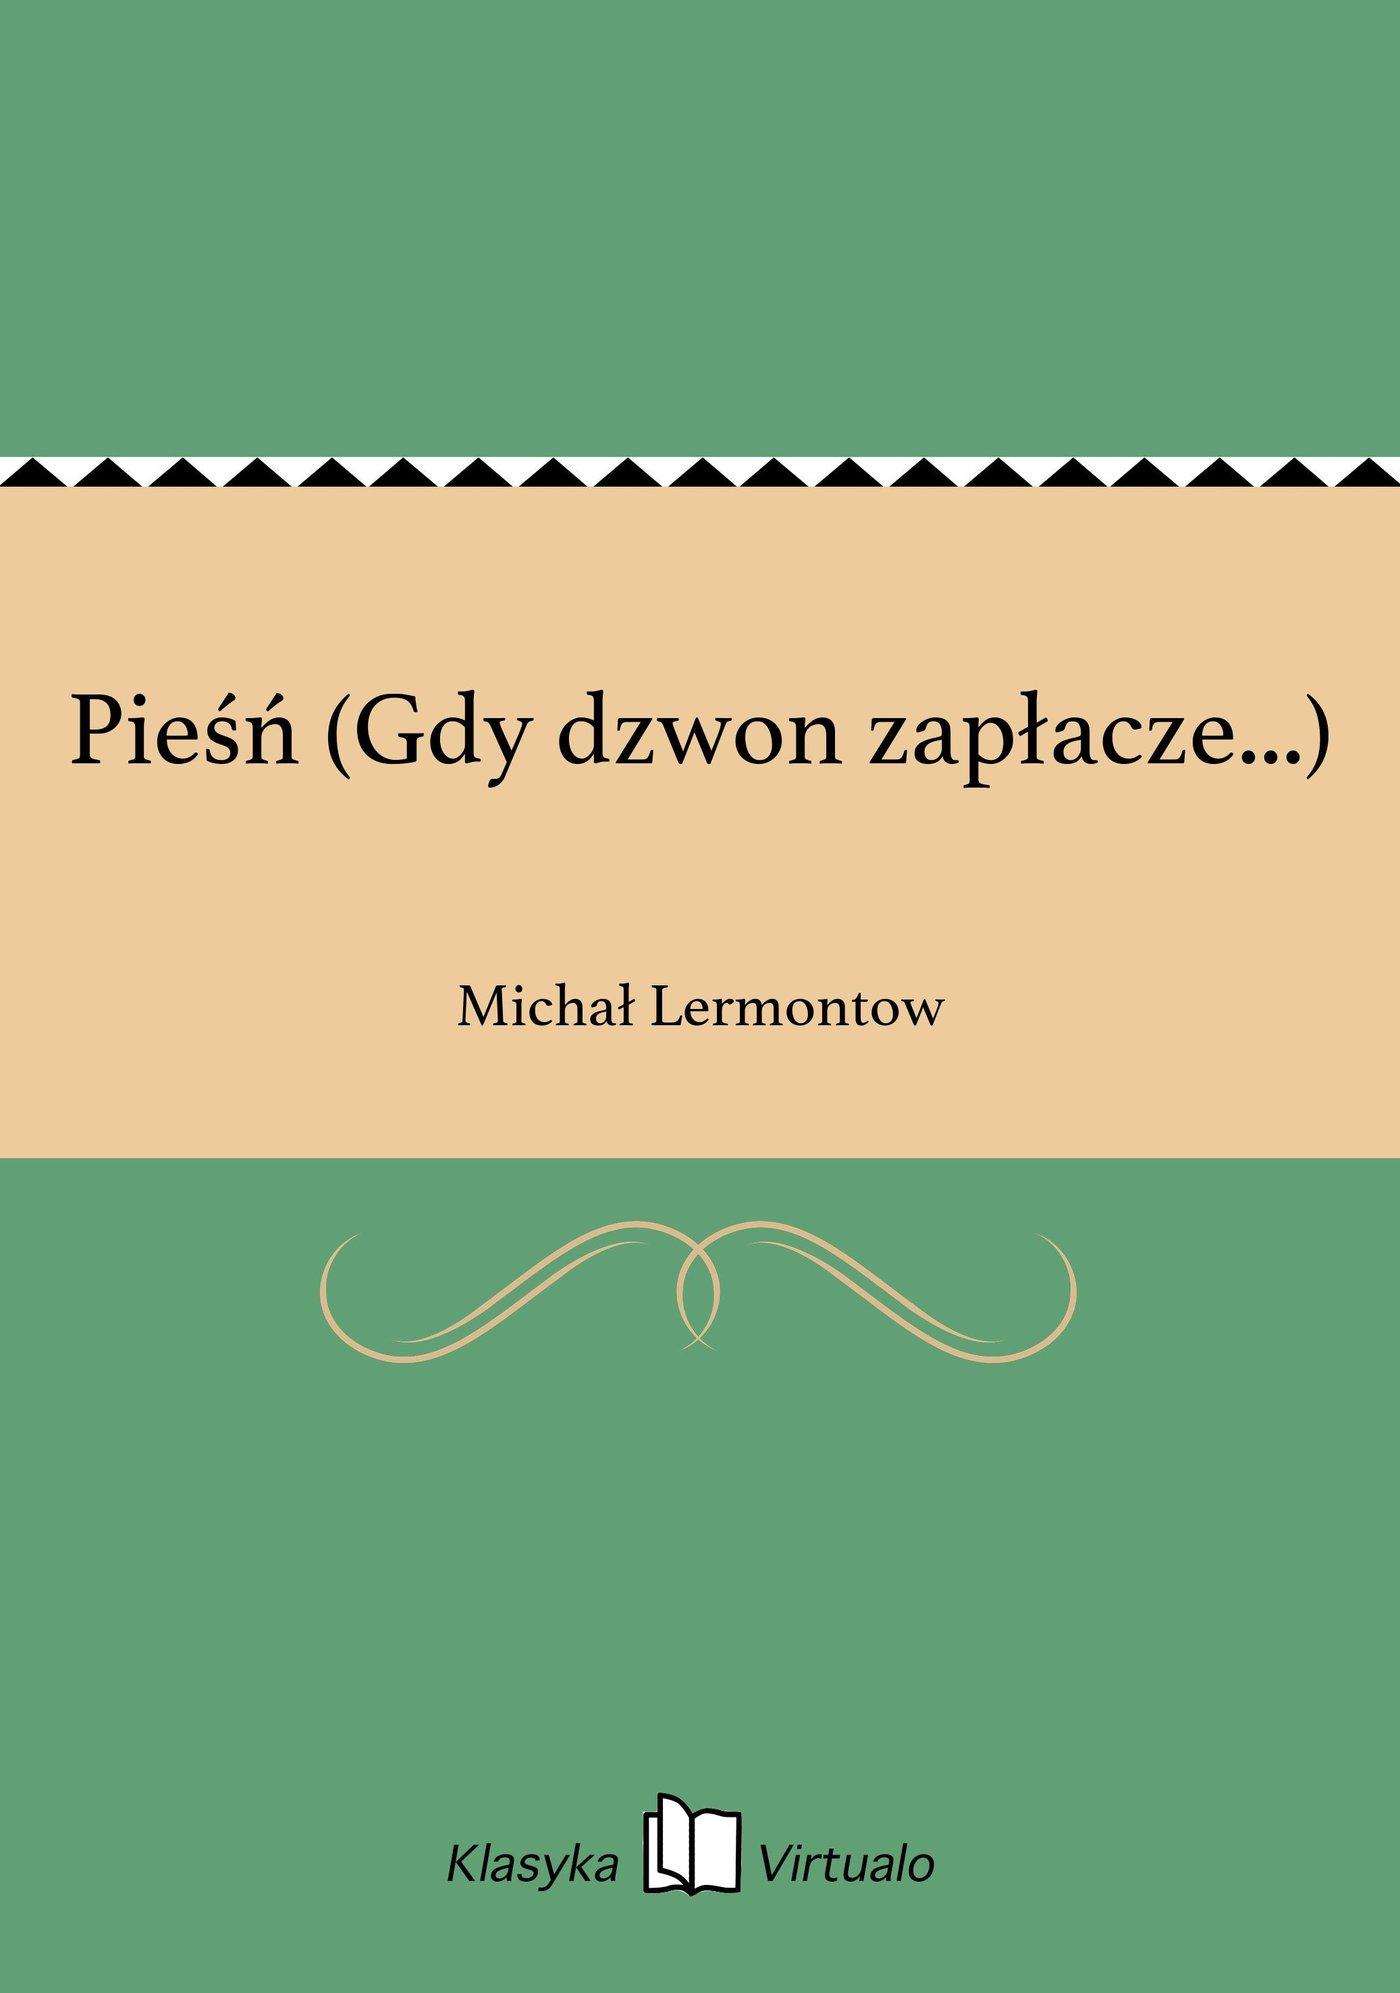 Pieśń (Gdy dzwon zapłacze...) - Ebook (Książka EPUB) do pobrania w formacie EPUB